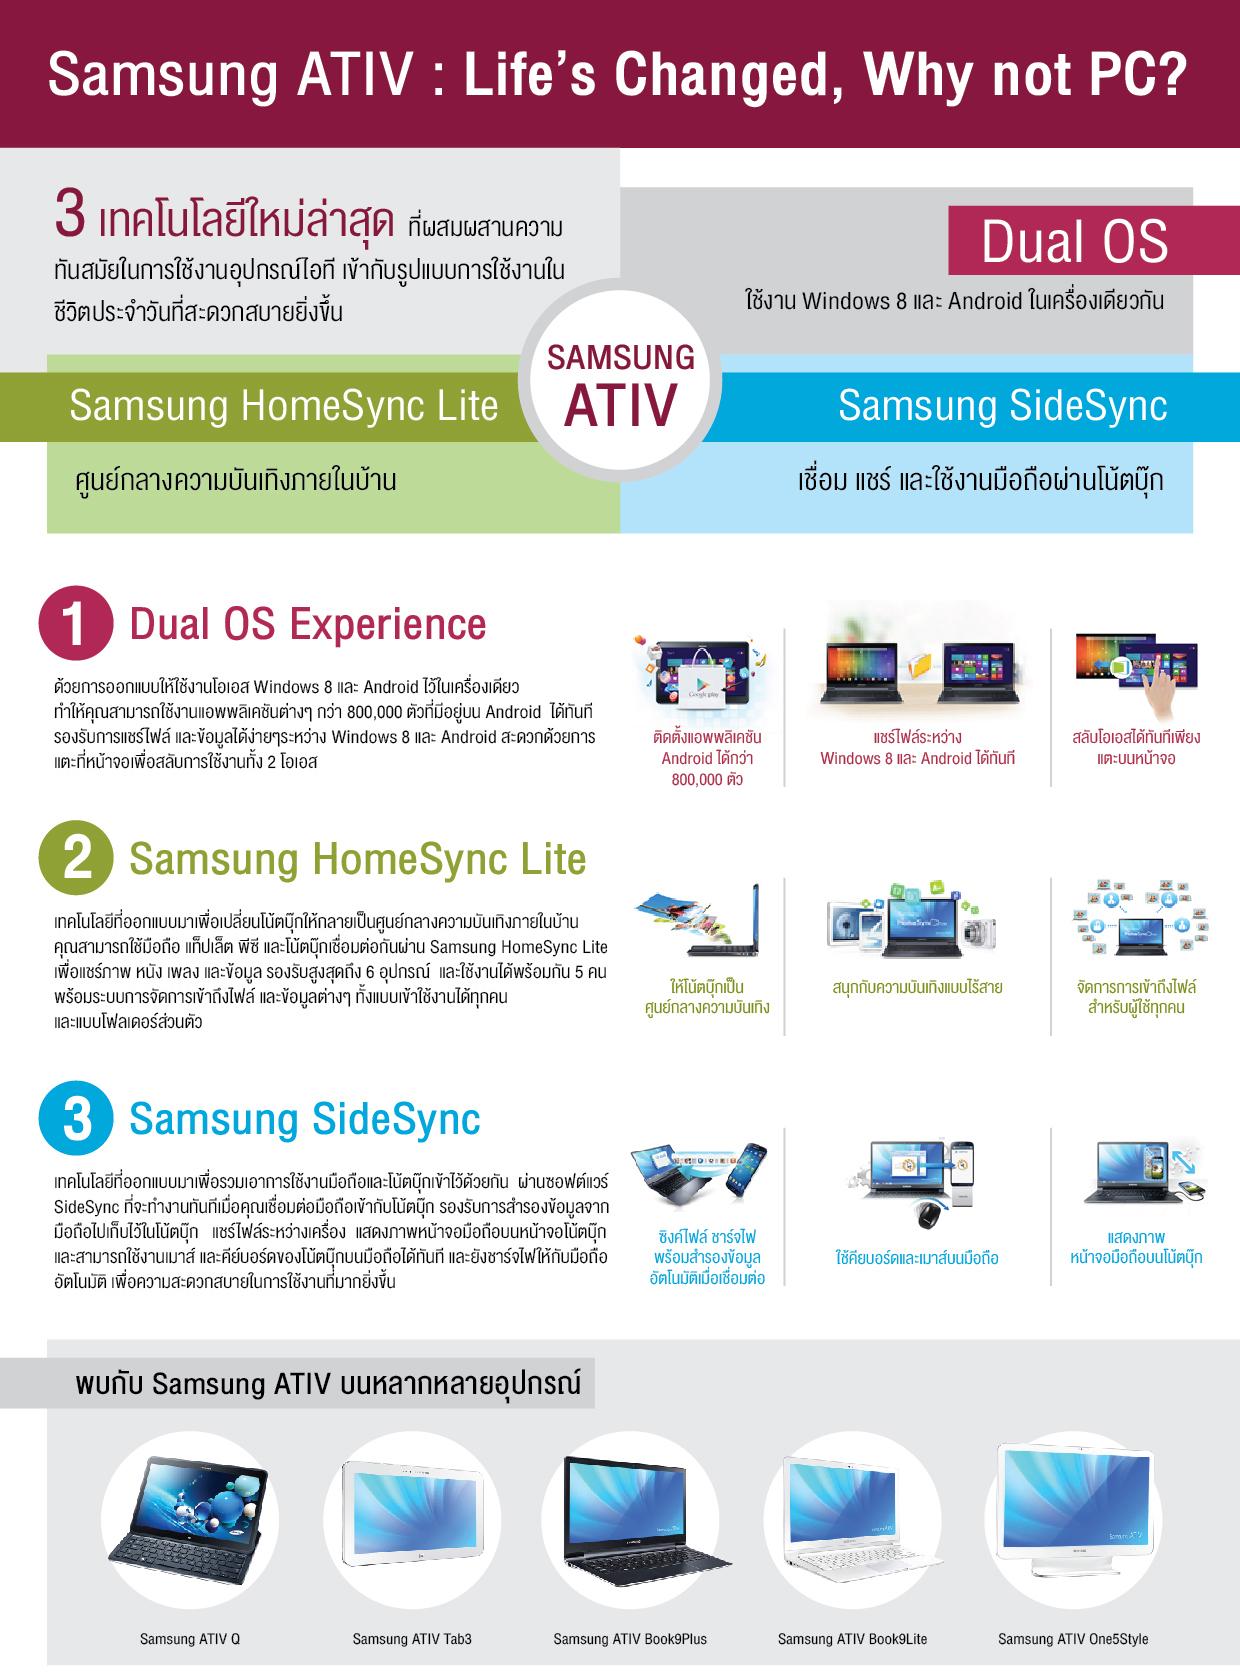 แนะนำ 3 เทคโนโลยีใหม่ล่าสุดที่มาพร้อม Samsung ATIV